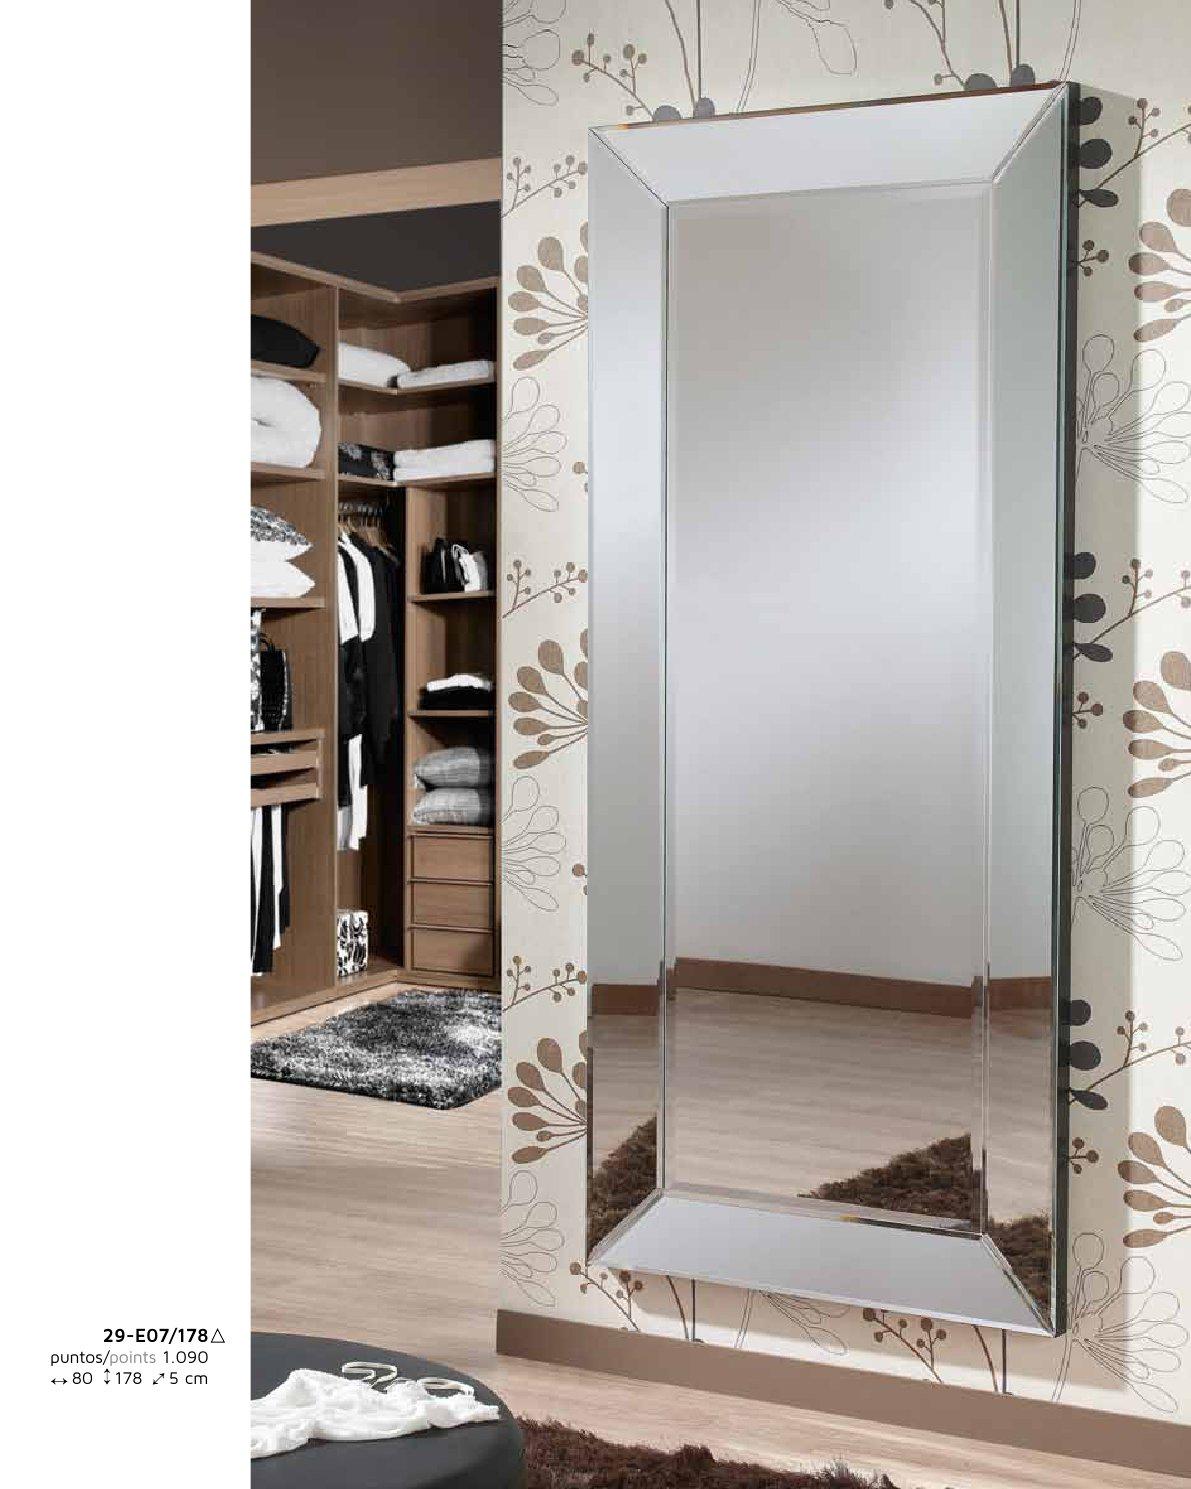 Schuller roma miroir 178x80cm 29 e07 178 for Schuller miroir